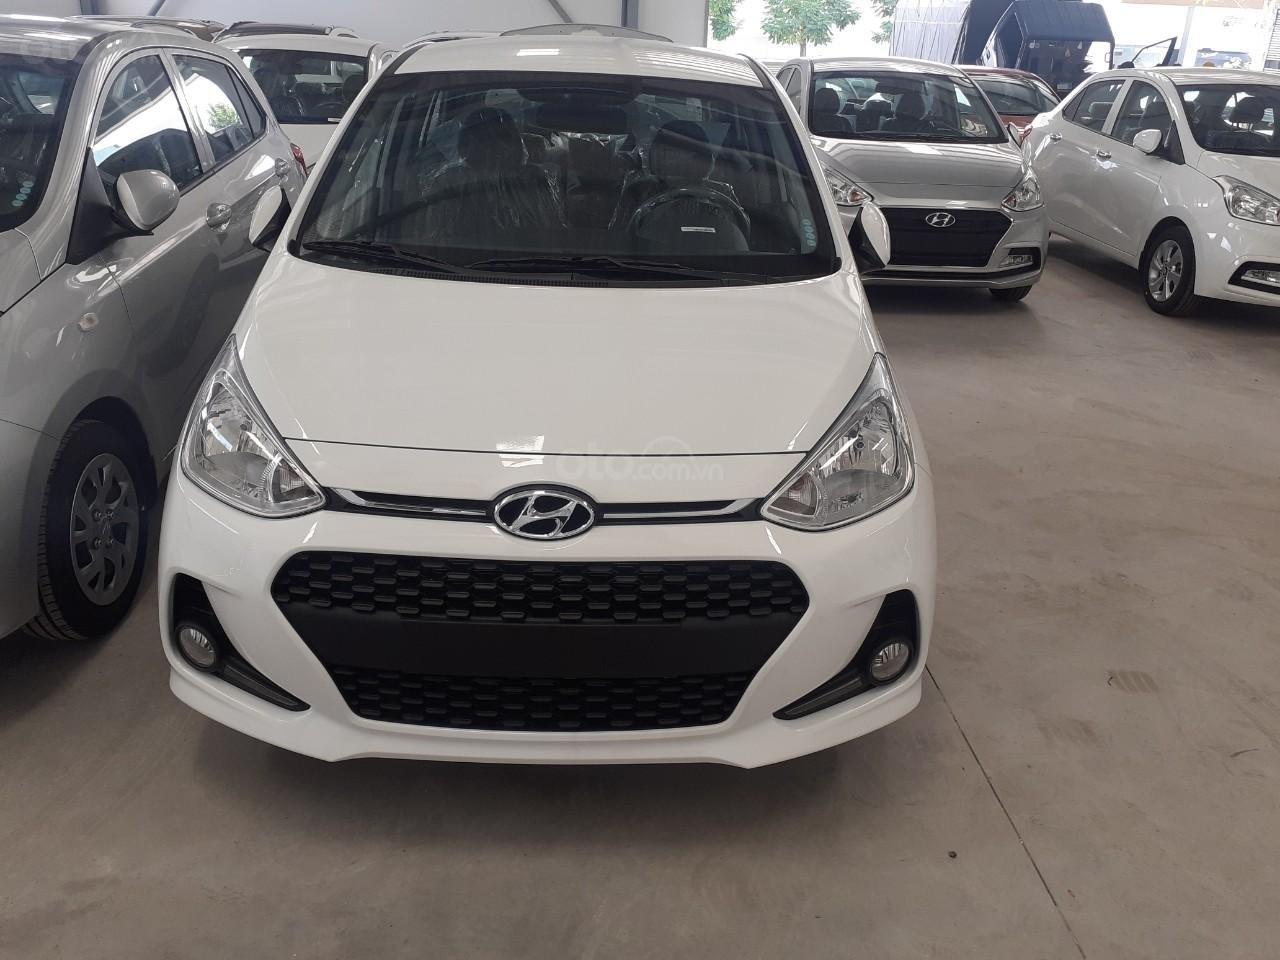 Bán xe Hyundai MT full 2019 giá 360 triệu, cơ hội trúng 100 triệu khi mua xe, xe mới 100% (1)